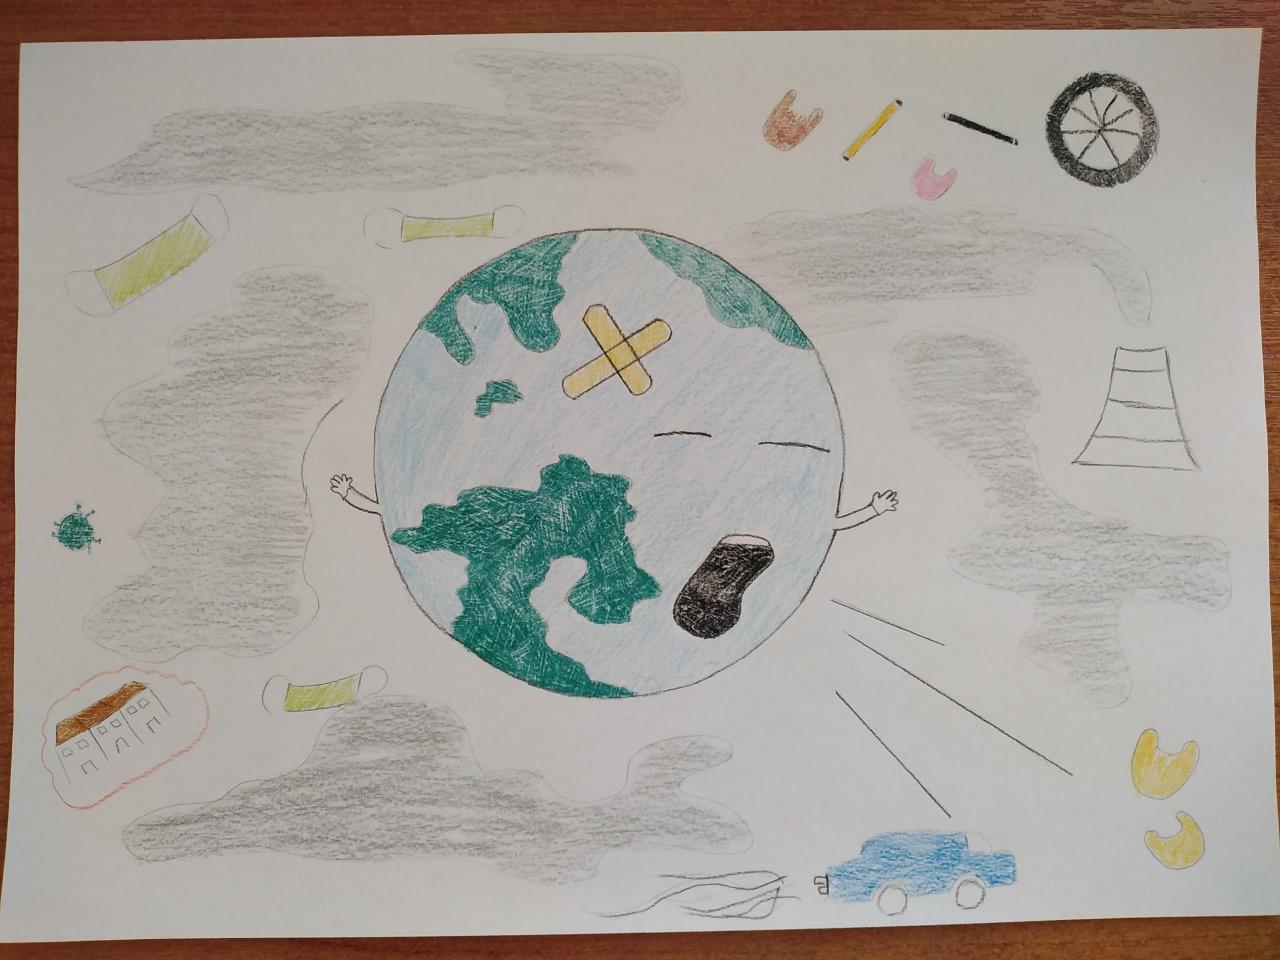 Οι μαθητές της Γ' Γυμνασίου εκφράζονται μέσω της τέχνης κατά τη περίοδο του εγκλεισμού-10